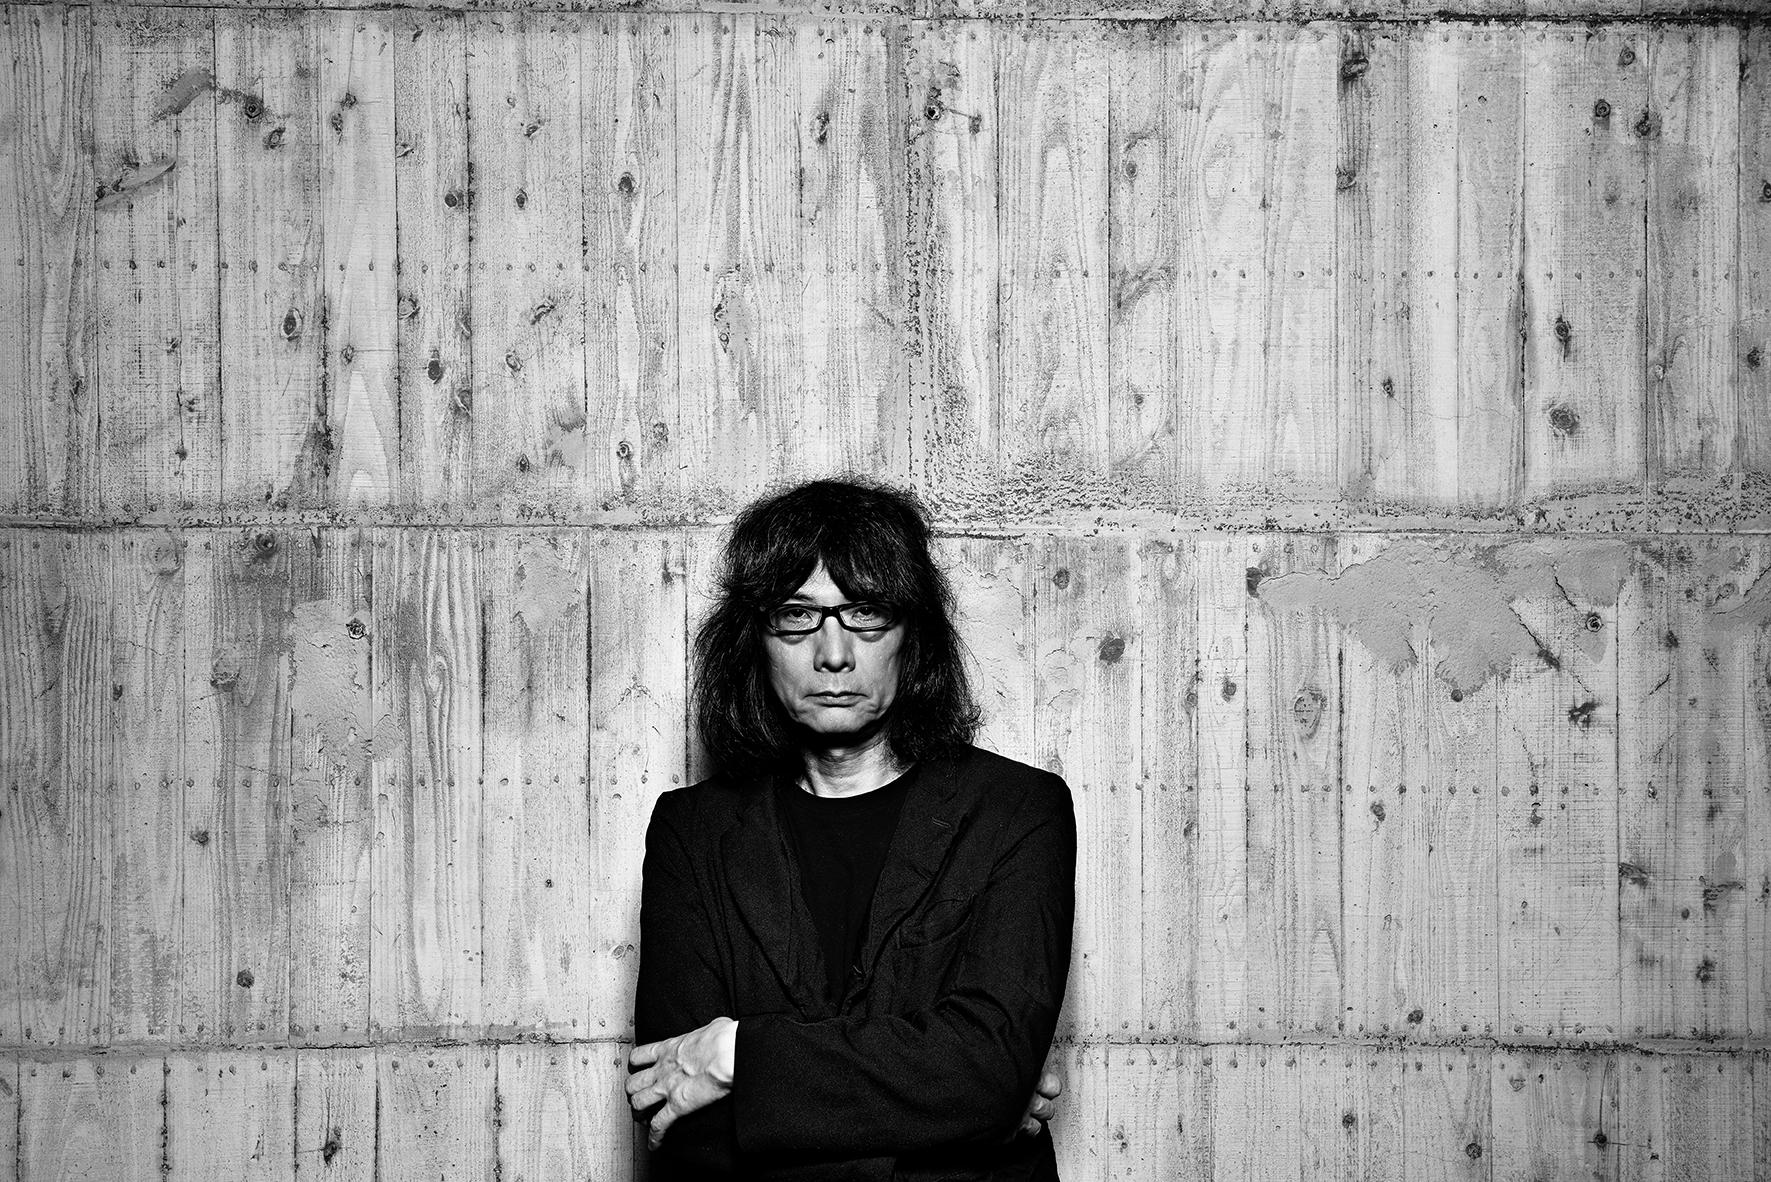 簡學義 Hsueh-Yi Chien / 建築家 Architect  竹間聯合建築師事務所主持人 Principal of Chien Architects & Associates